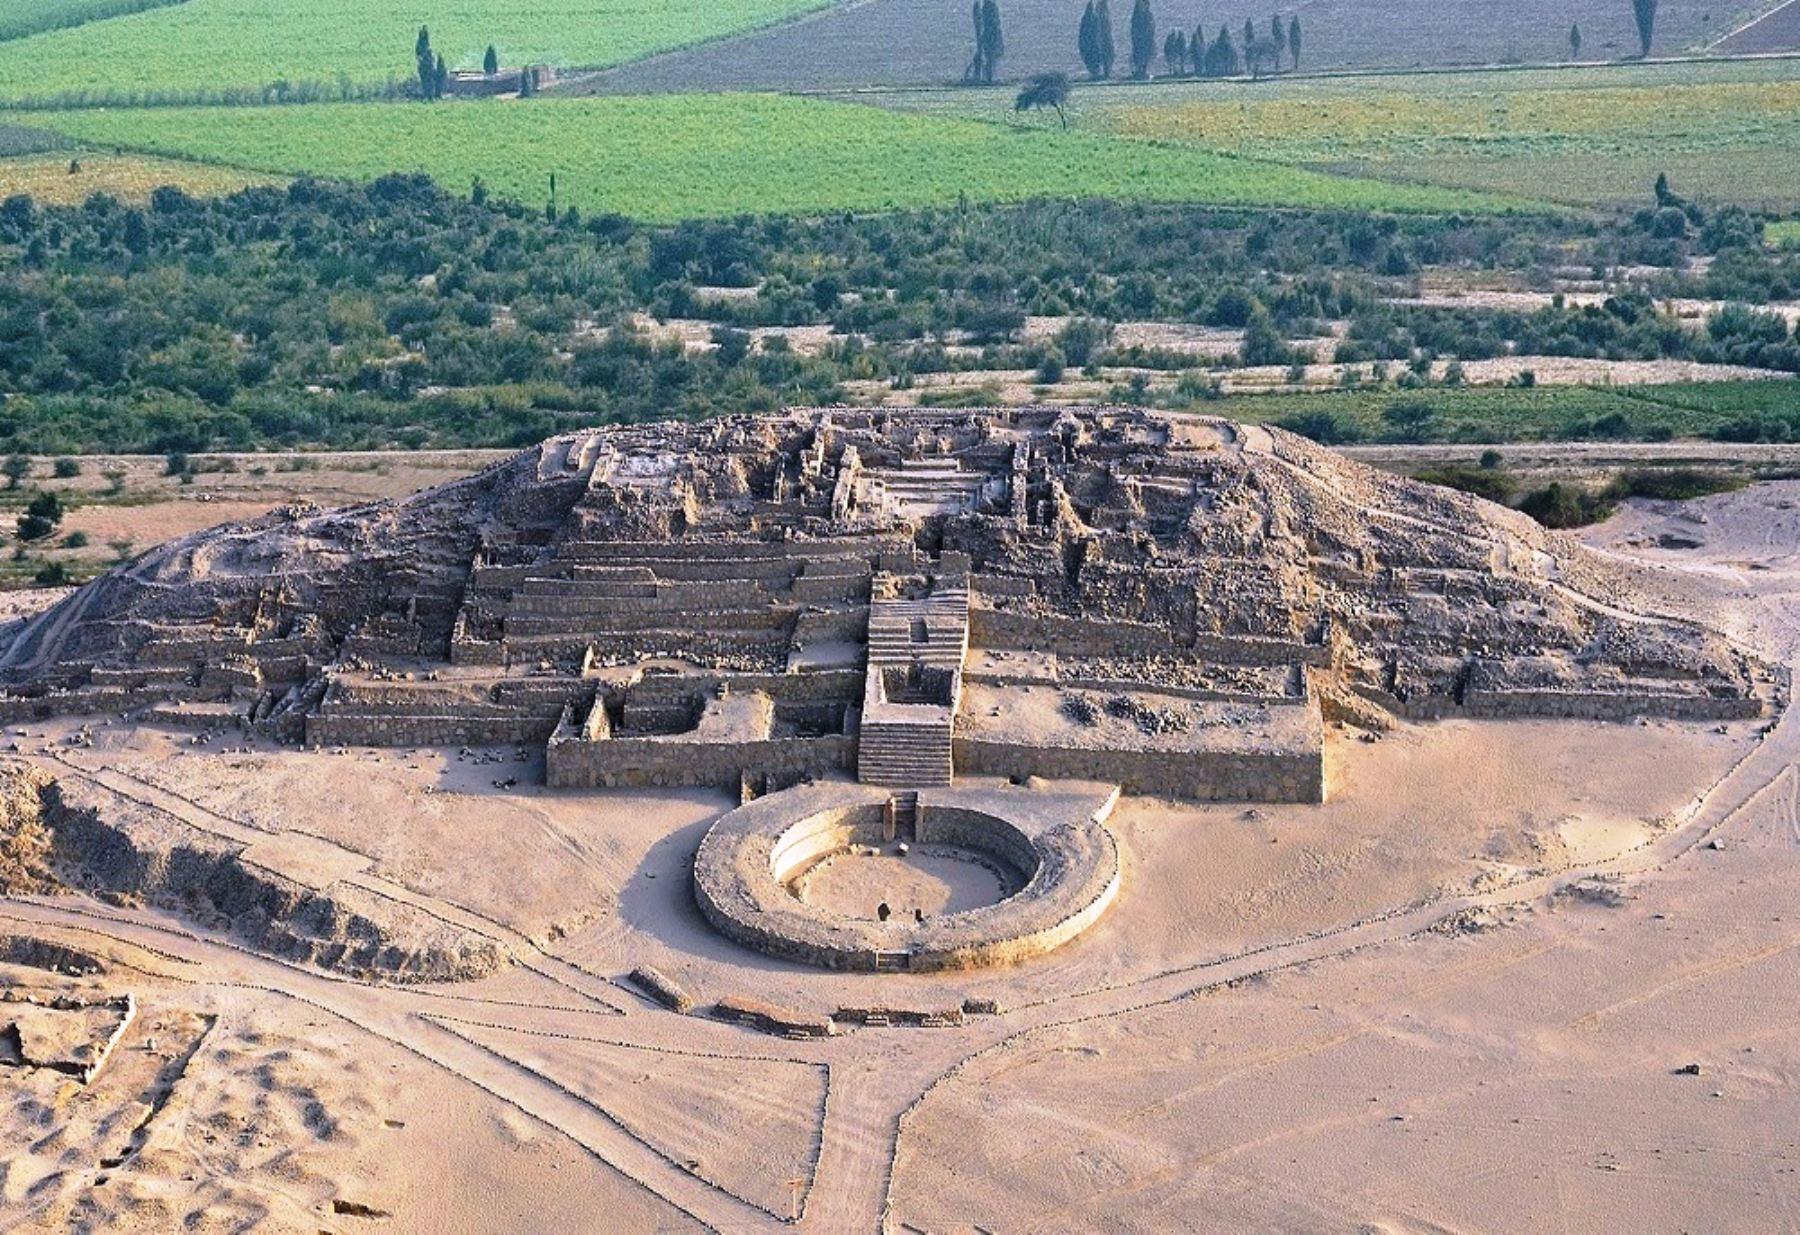 Zona Arqueológica de Caral recibirá a visitantes por Año Nuevo. Foto: ANDINA/Difusión.